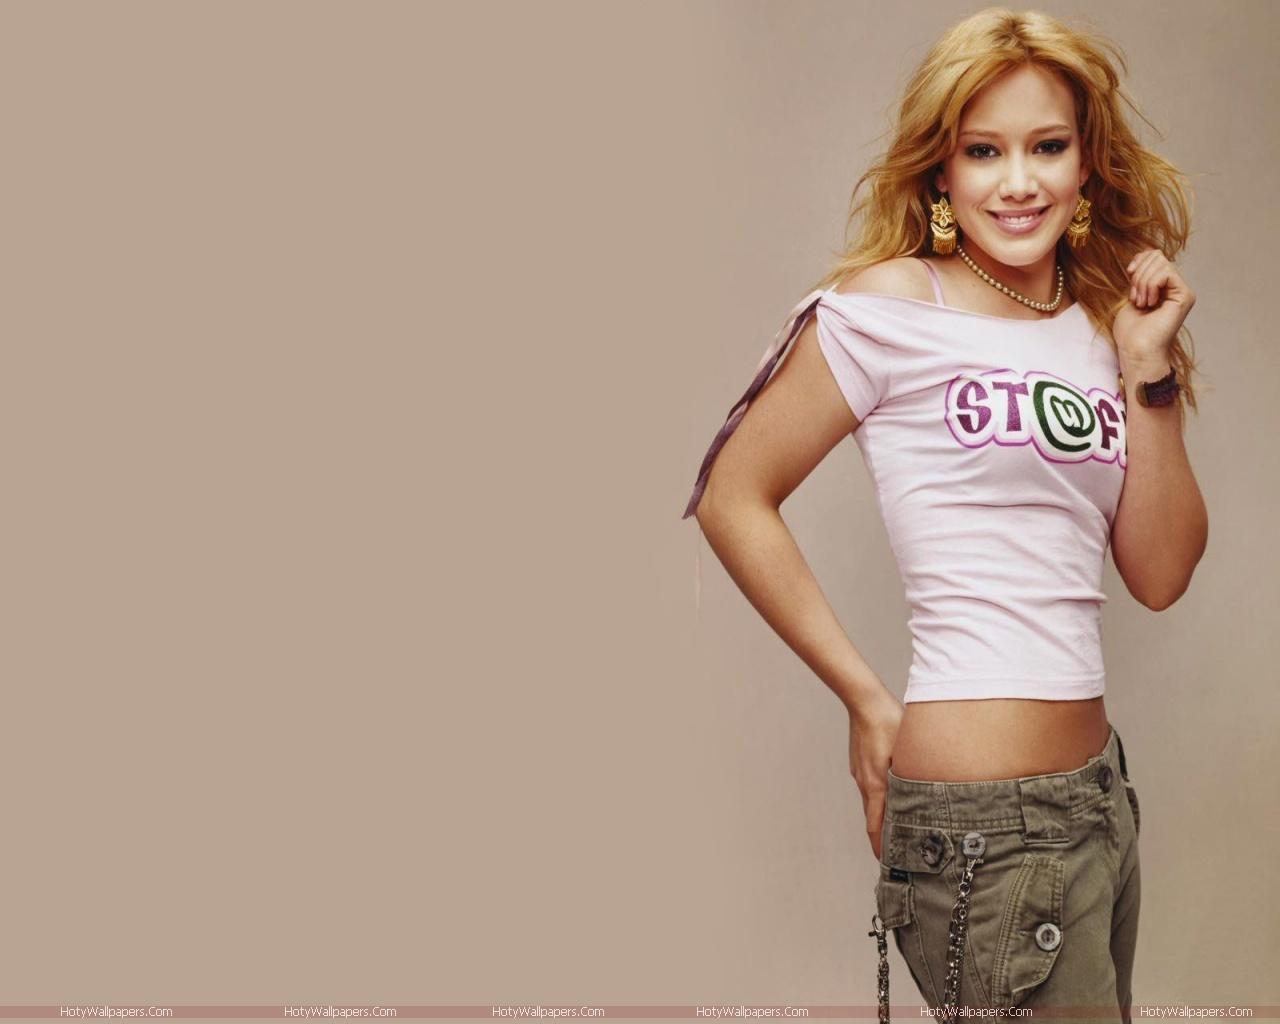 http://1.bp.blogspot.com/-iEa4bvMu9Po/TmT012K7MEI/AAAAAAAAKWI/GkPKd6lyMDk/s1600/Hilary_Duff-wallpaper-hd.jpg